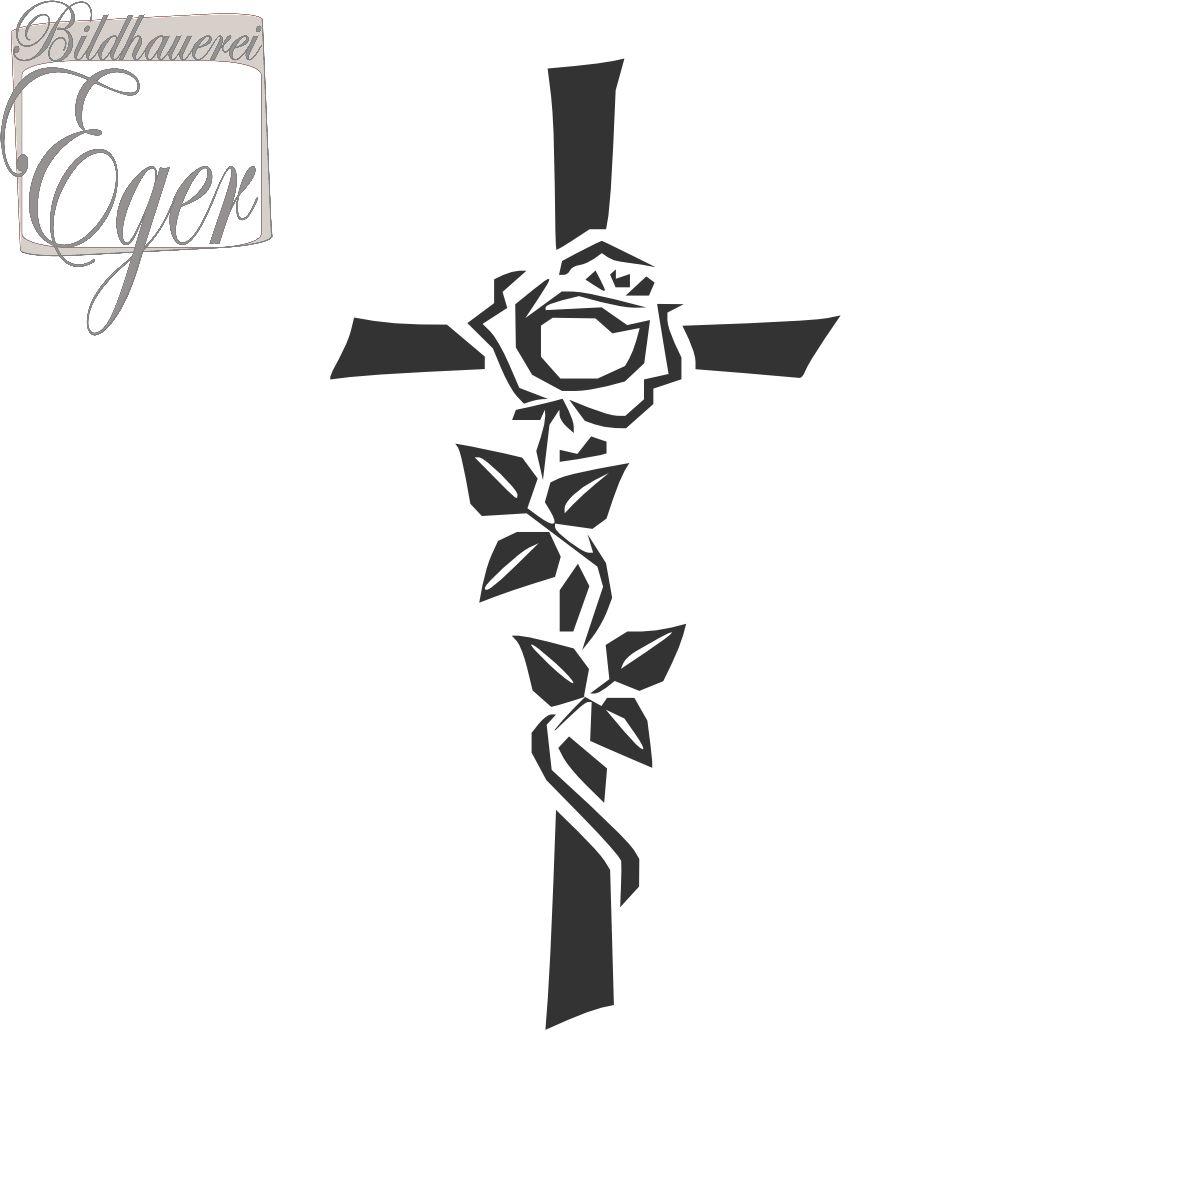 Kubistisches Kreuz mit Akt